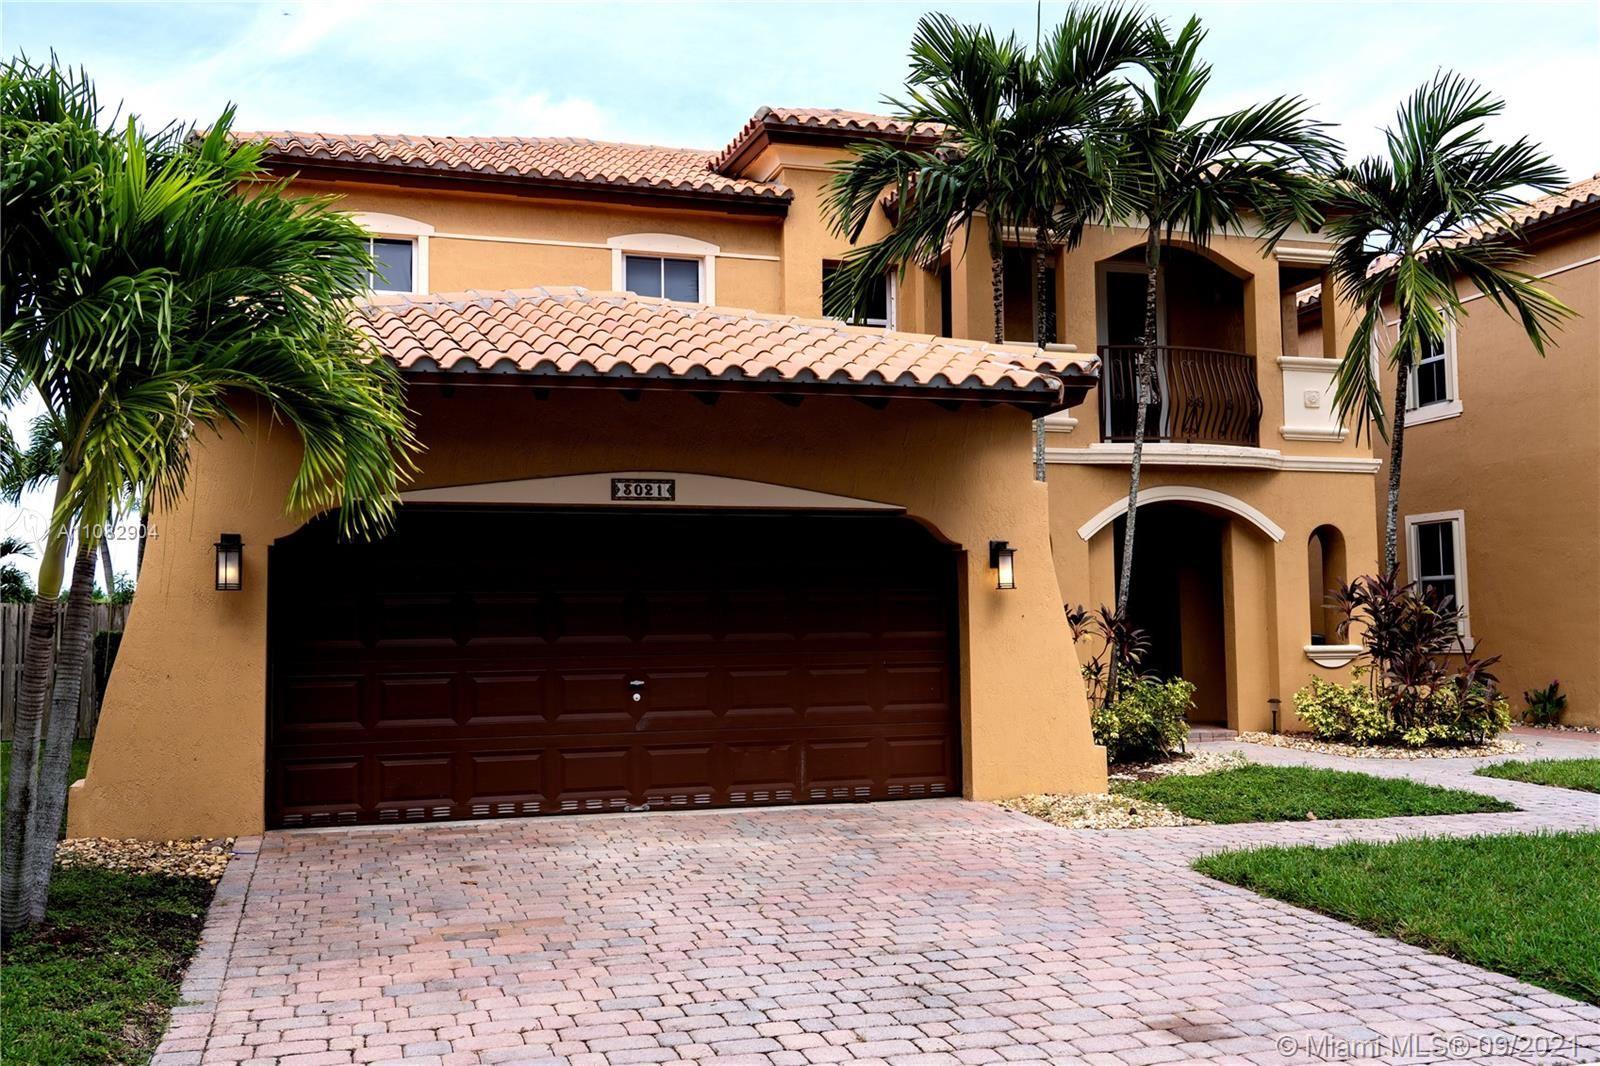 3021 SW 154th Pl, Miami, FL 33185 - #: A11082904